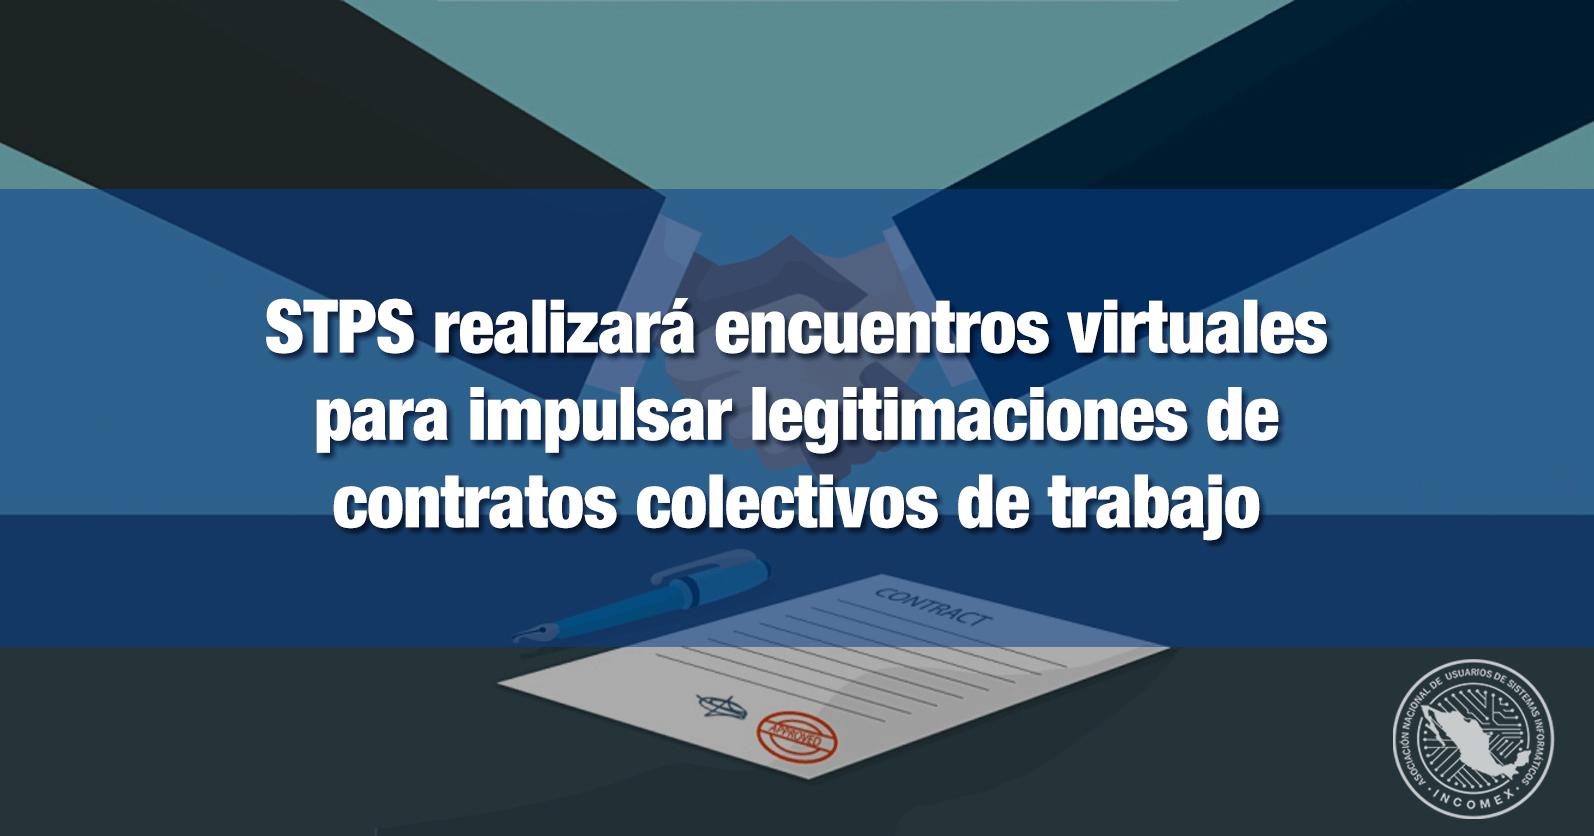 STPS realizará encuentros virtuales para impulsar legitimaciones de contratos colectivos de trabajo